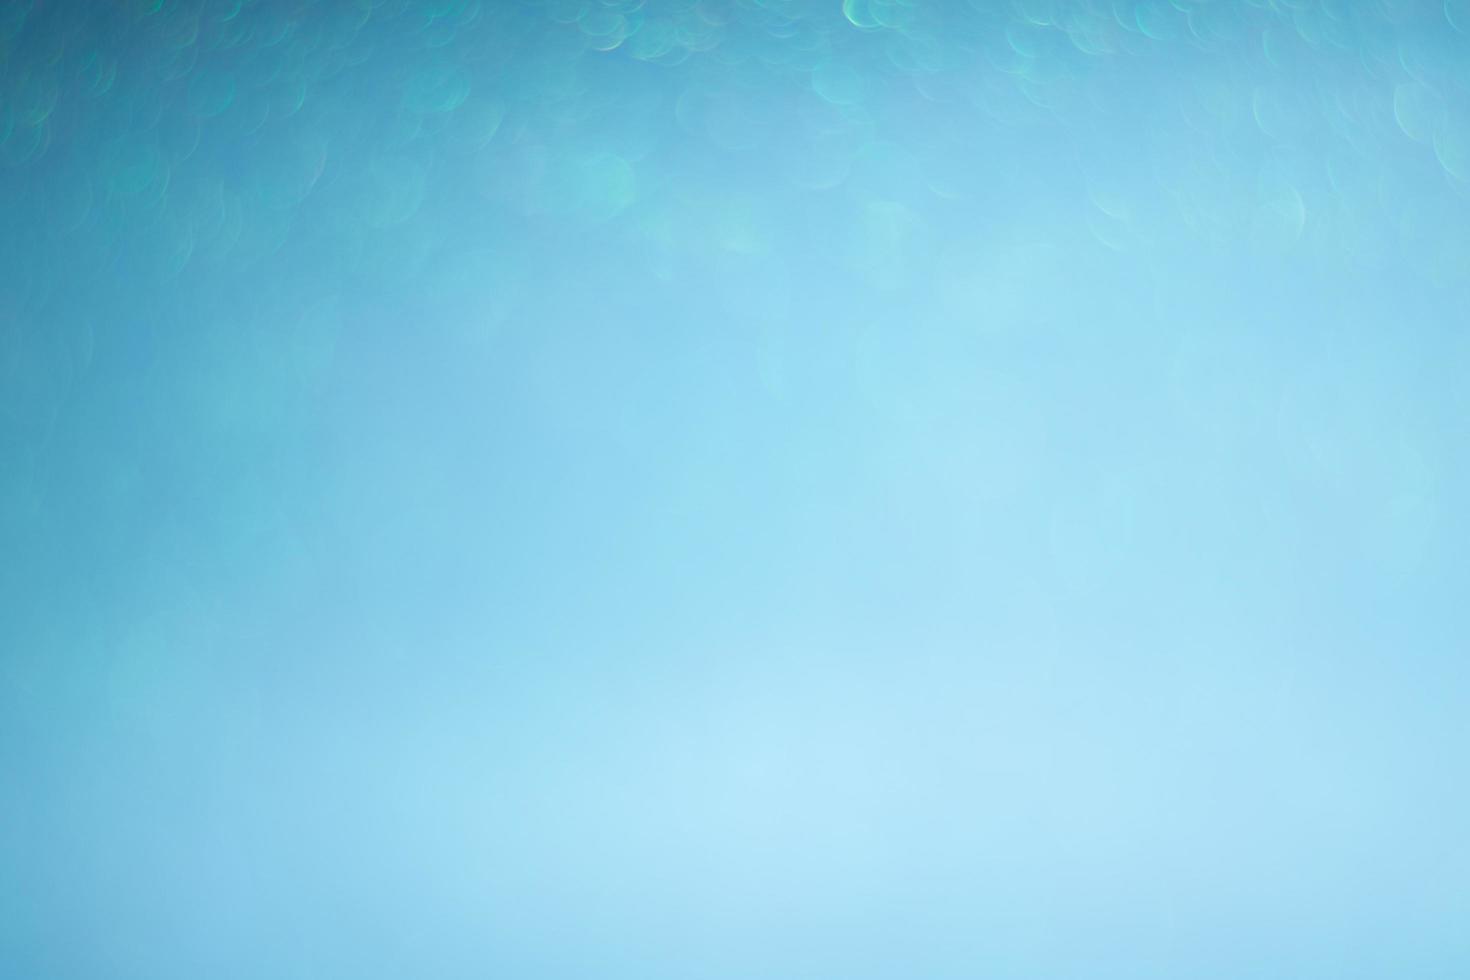 abstrakter blauer Bokehhintergrund foto